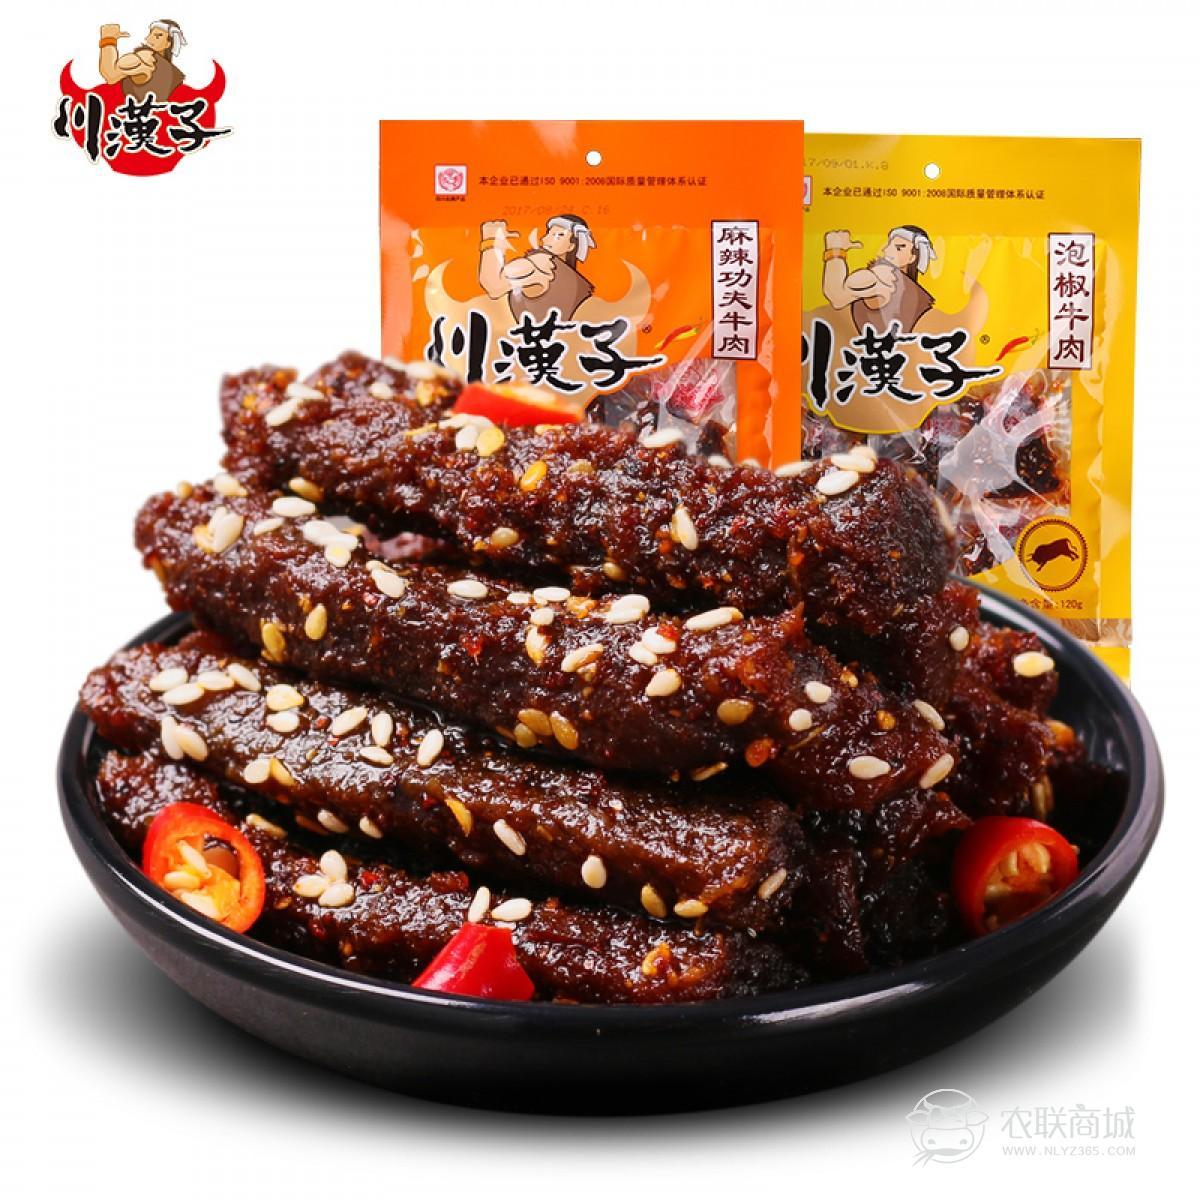 川汉子牛肉干条120g 四川特产零食小吃 泡椒味麻辣味